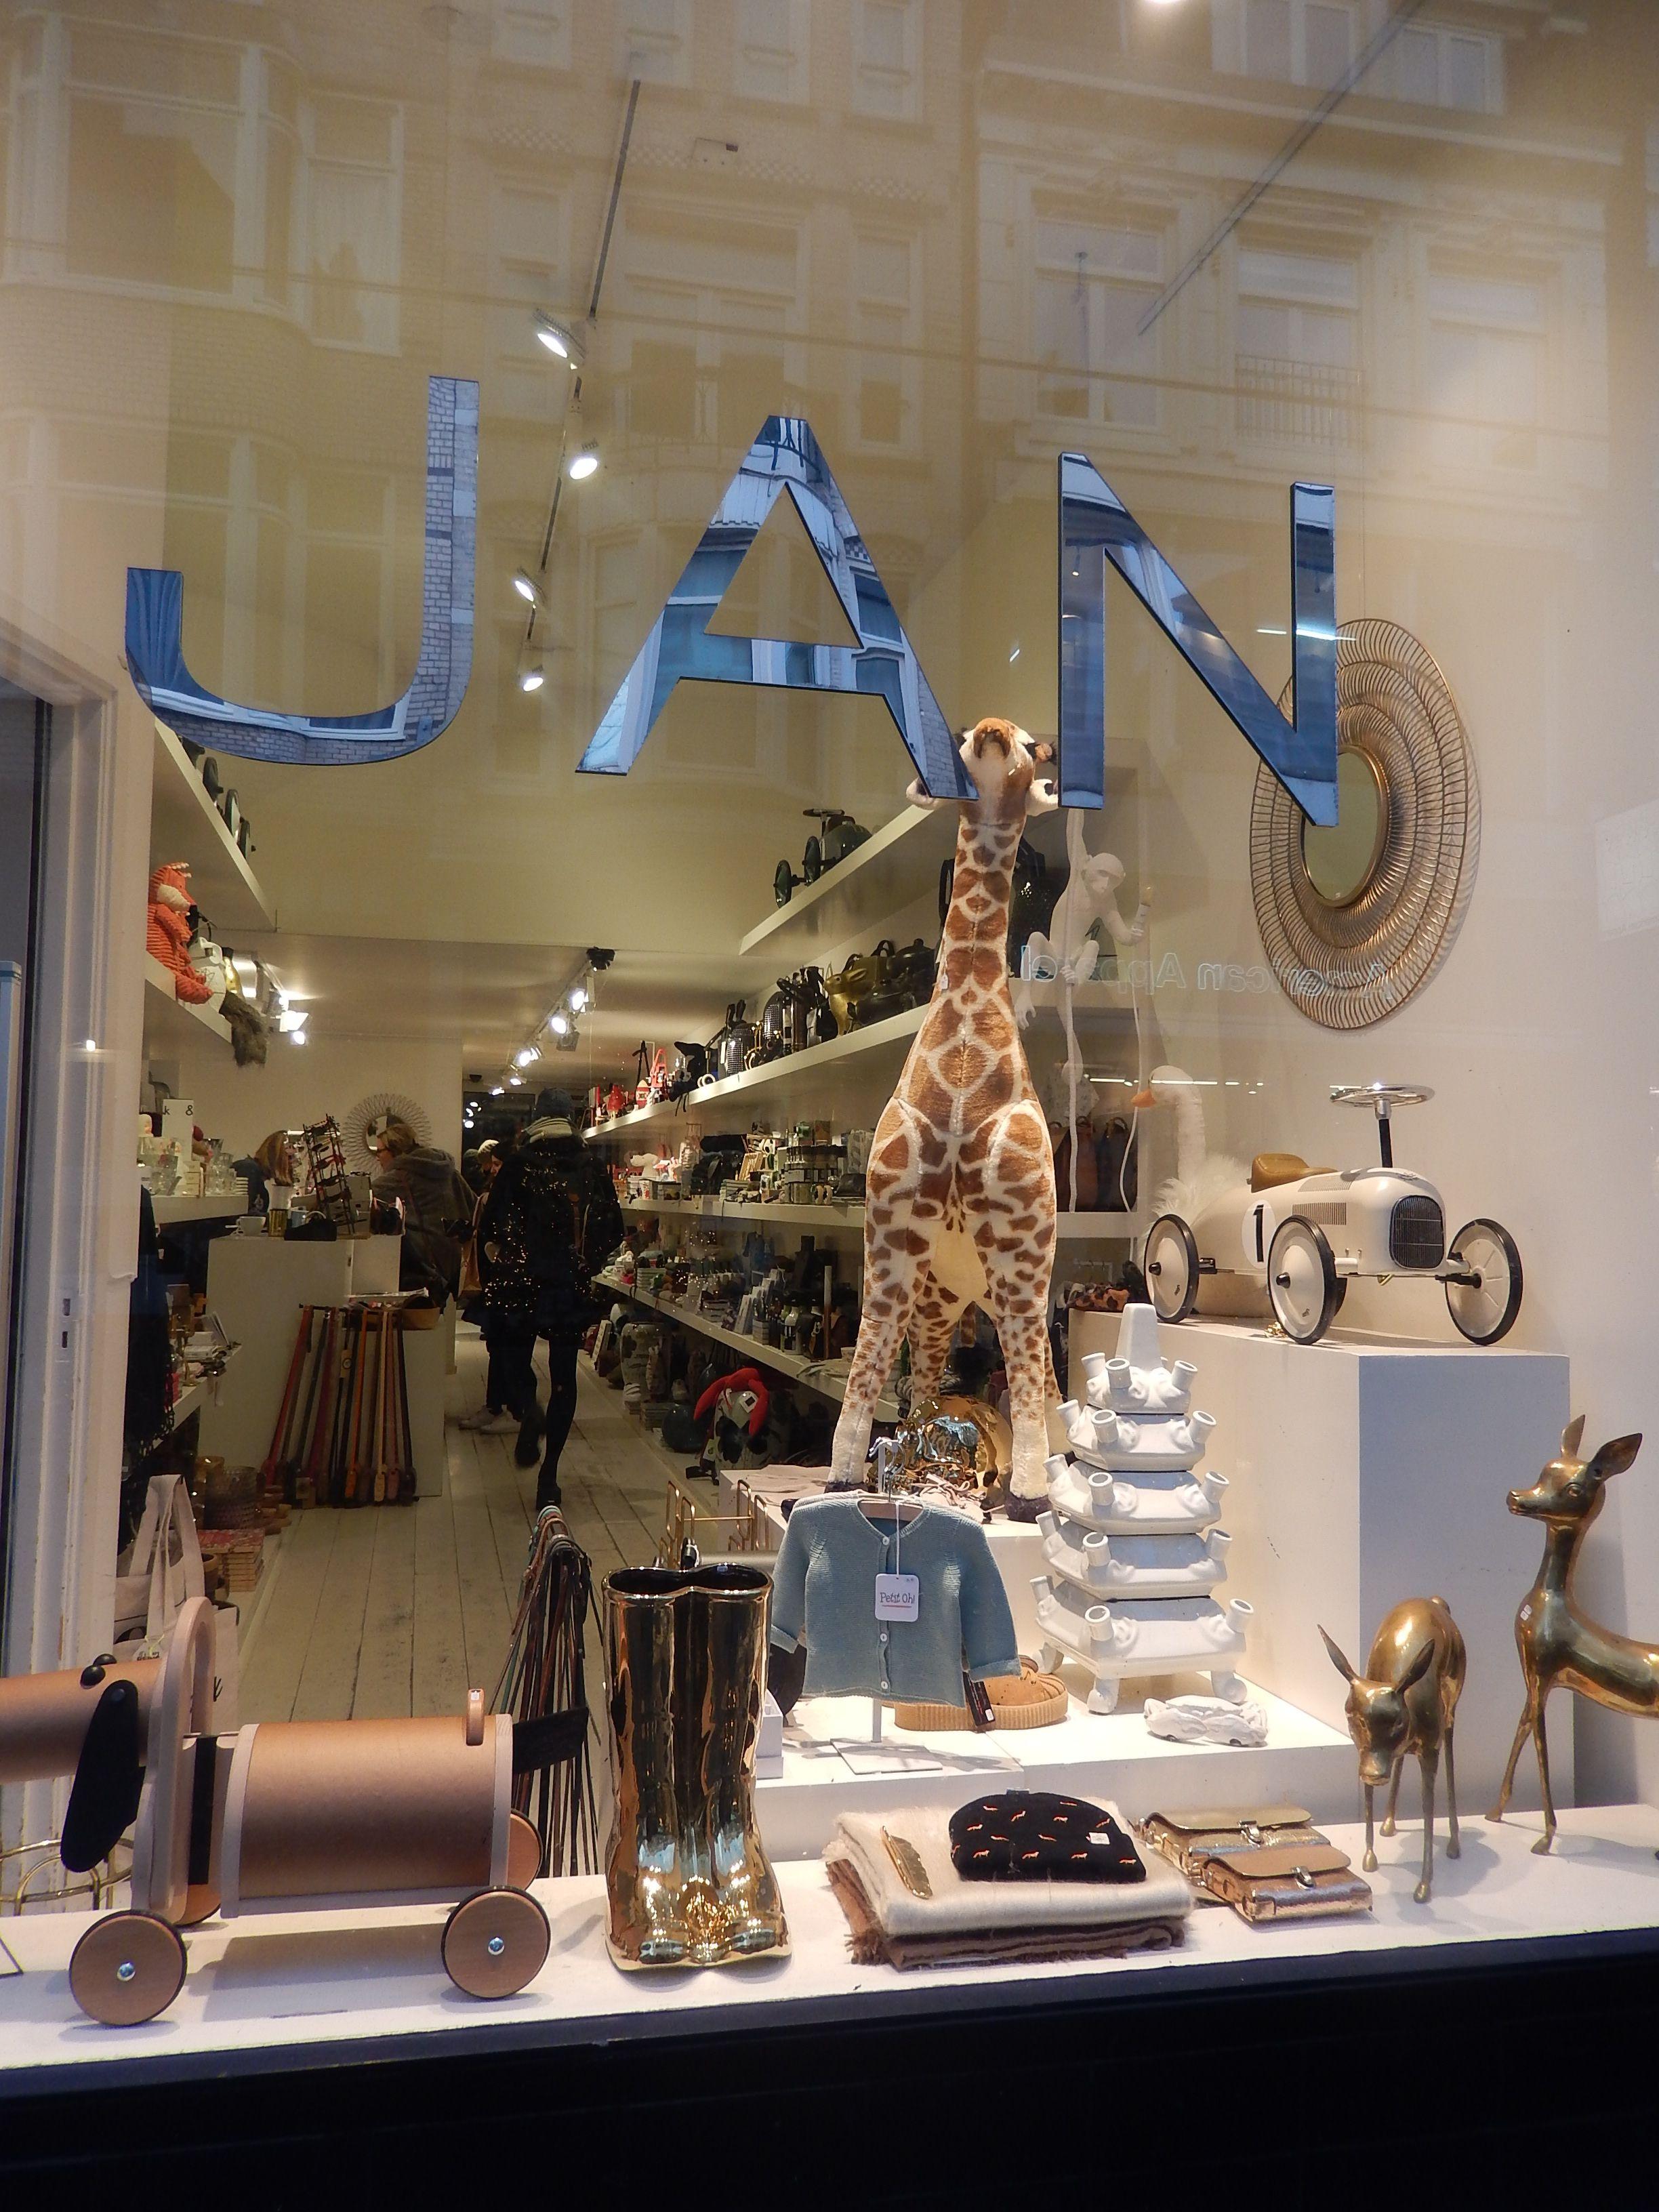 JAN - Utrechtsestraat 74, Amsterdam: zeer verscheiden assortiment van hippe en superleuke spullen voor mannen, vrouwen en kinderen